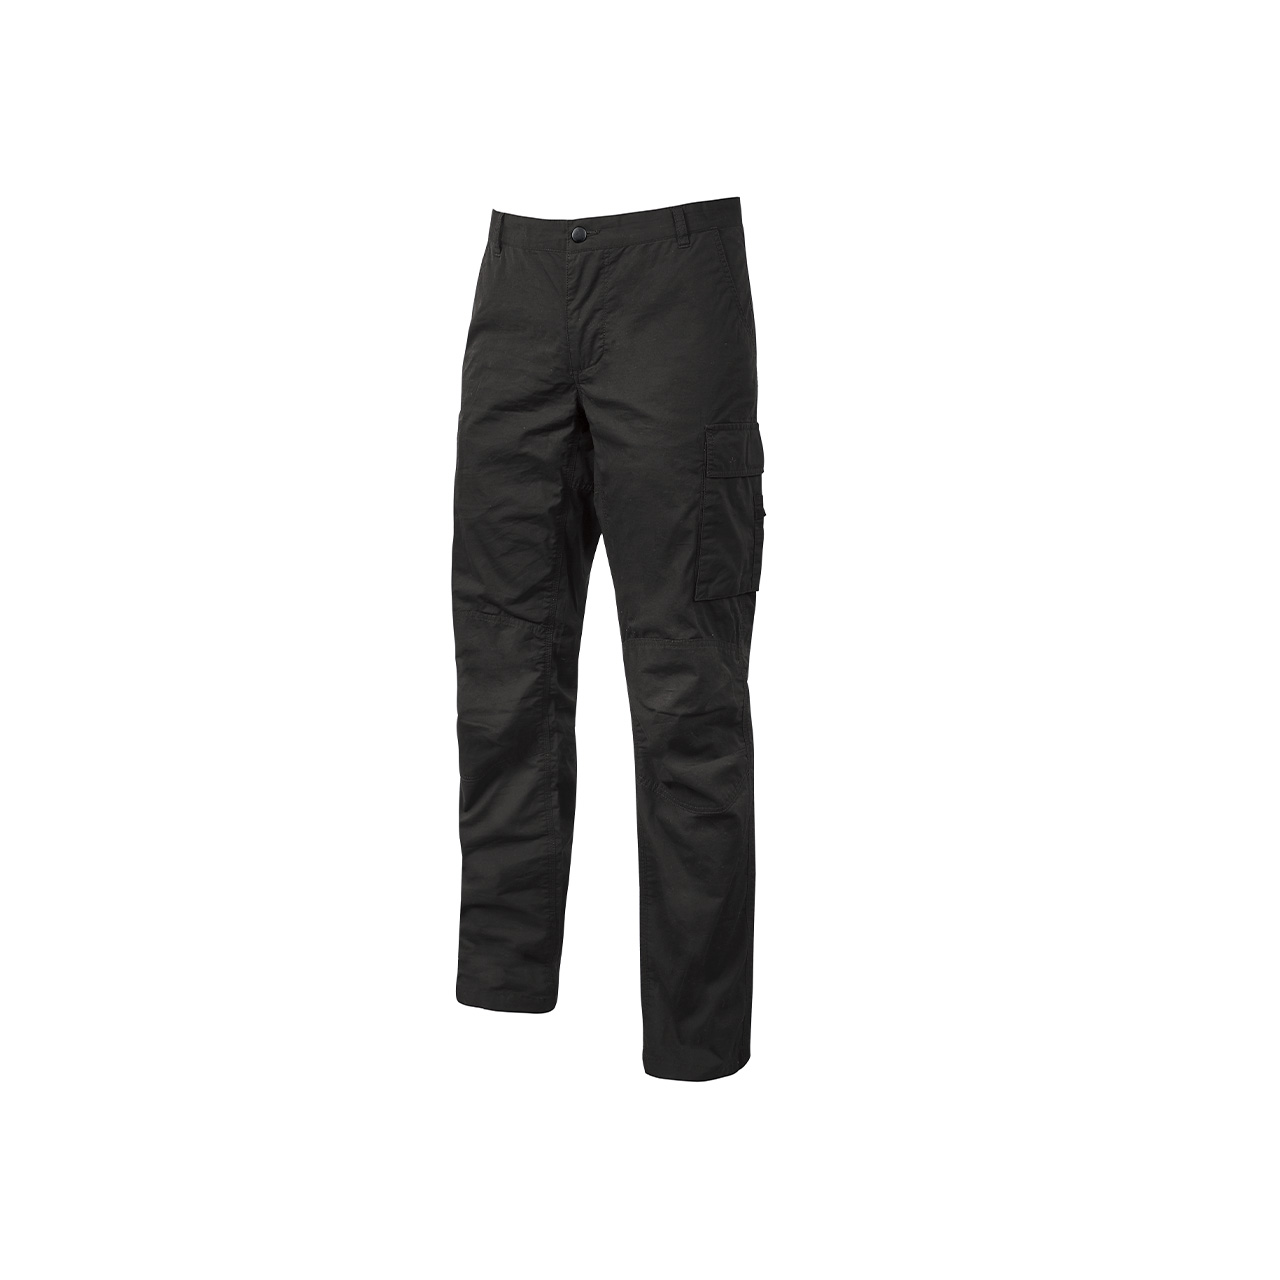 pantalone da lavoro upower modello ocean colore black carbon